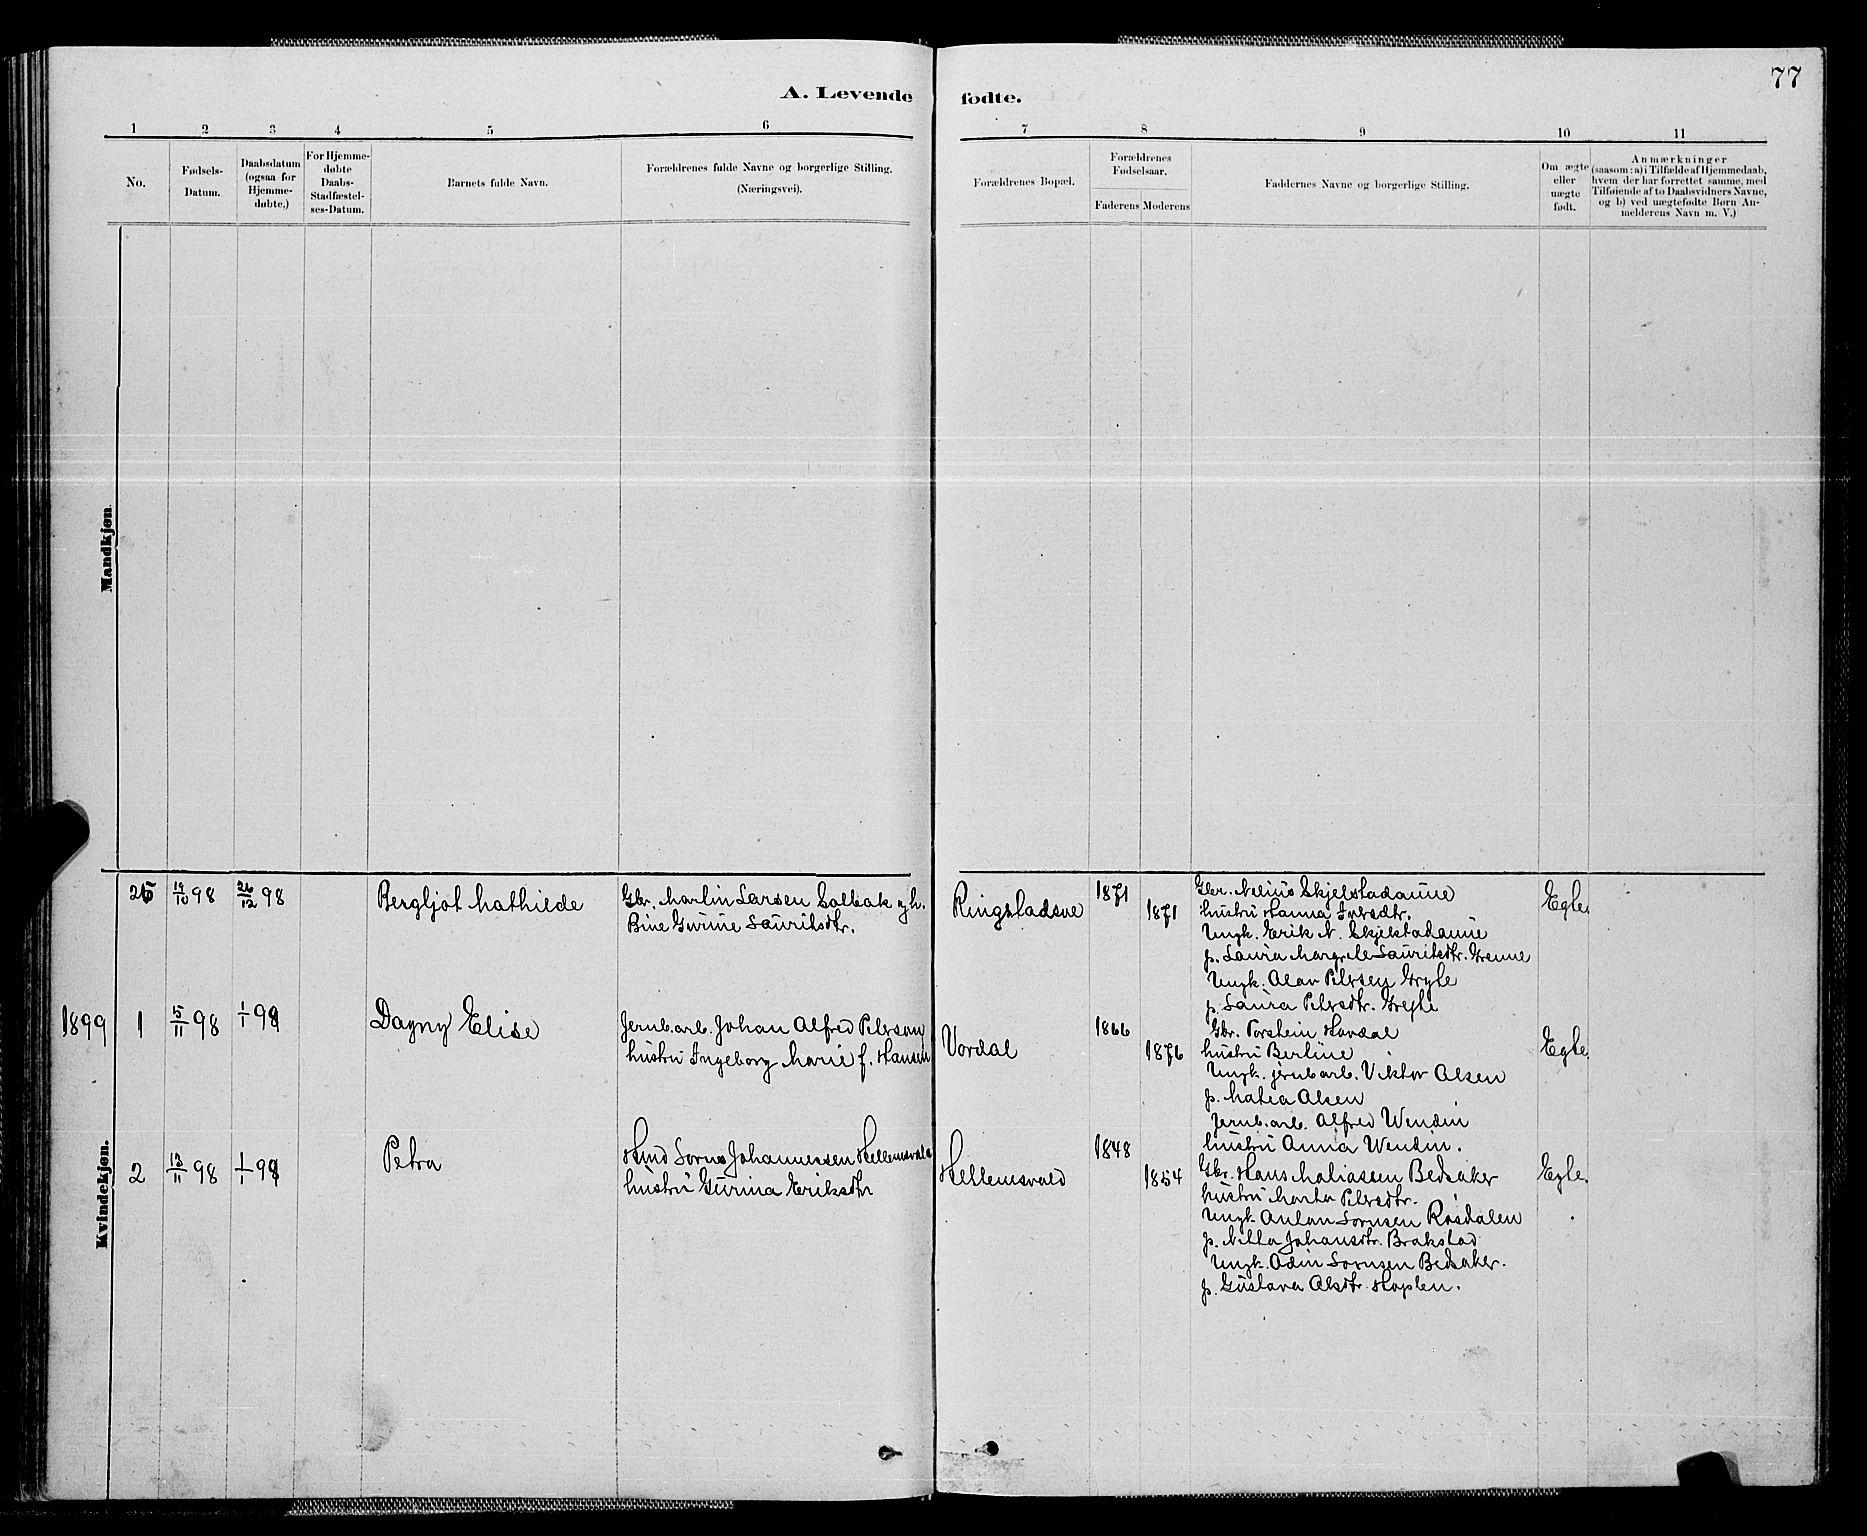 SAT, Ministerialprotokoller, klokkerbøker og fødselsregistre - Nord-Trøndelag, 714/L0134: Klokkerbok nr. 714C03, 1878-1898, s. 77